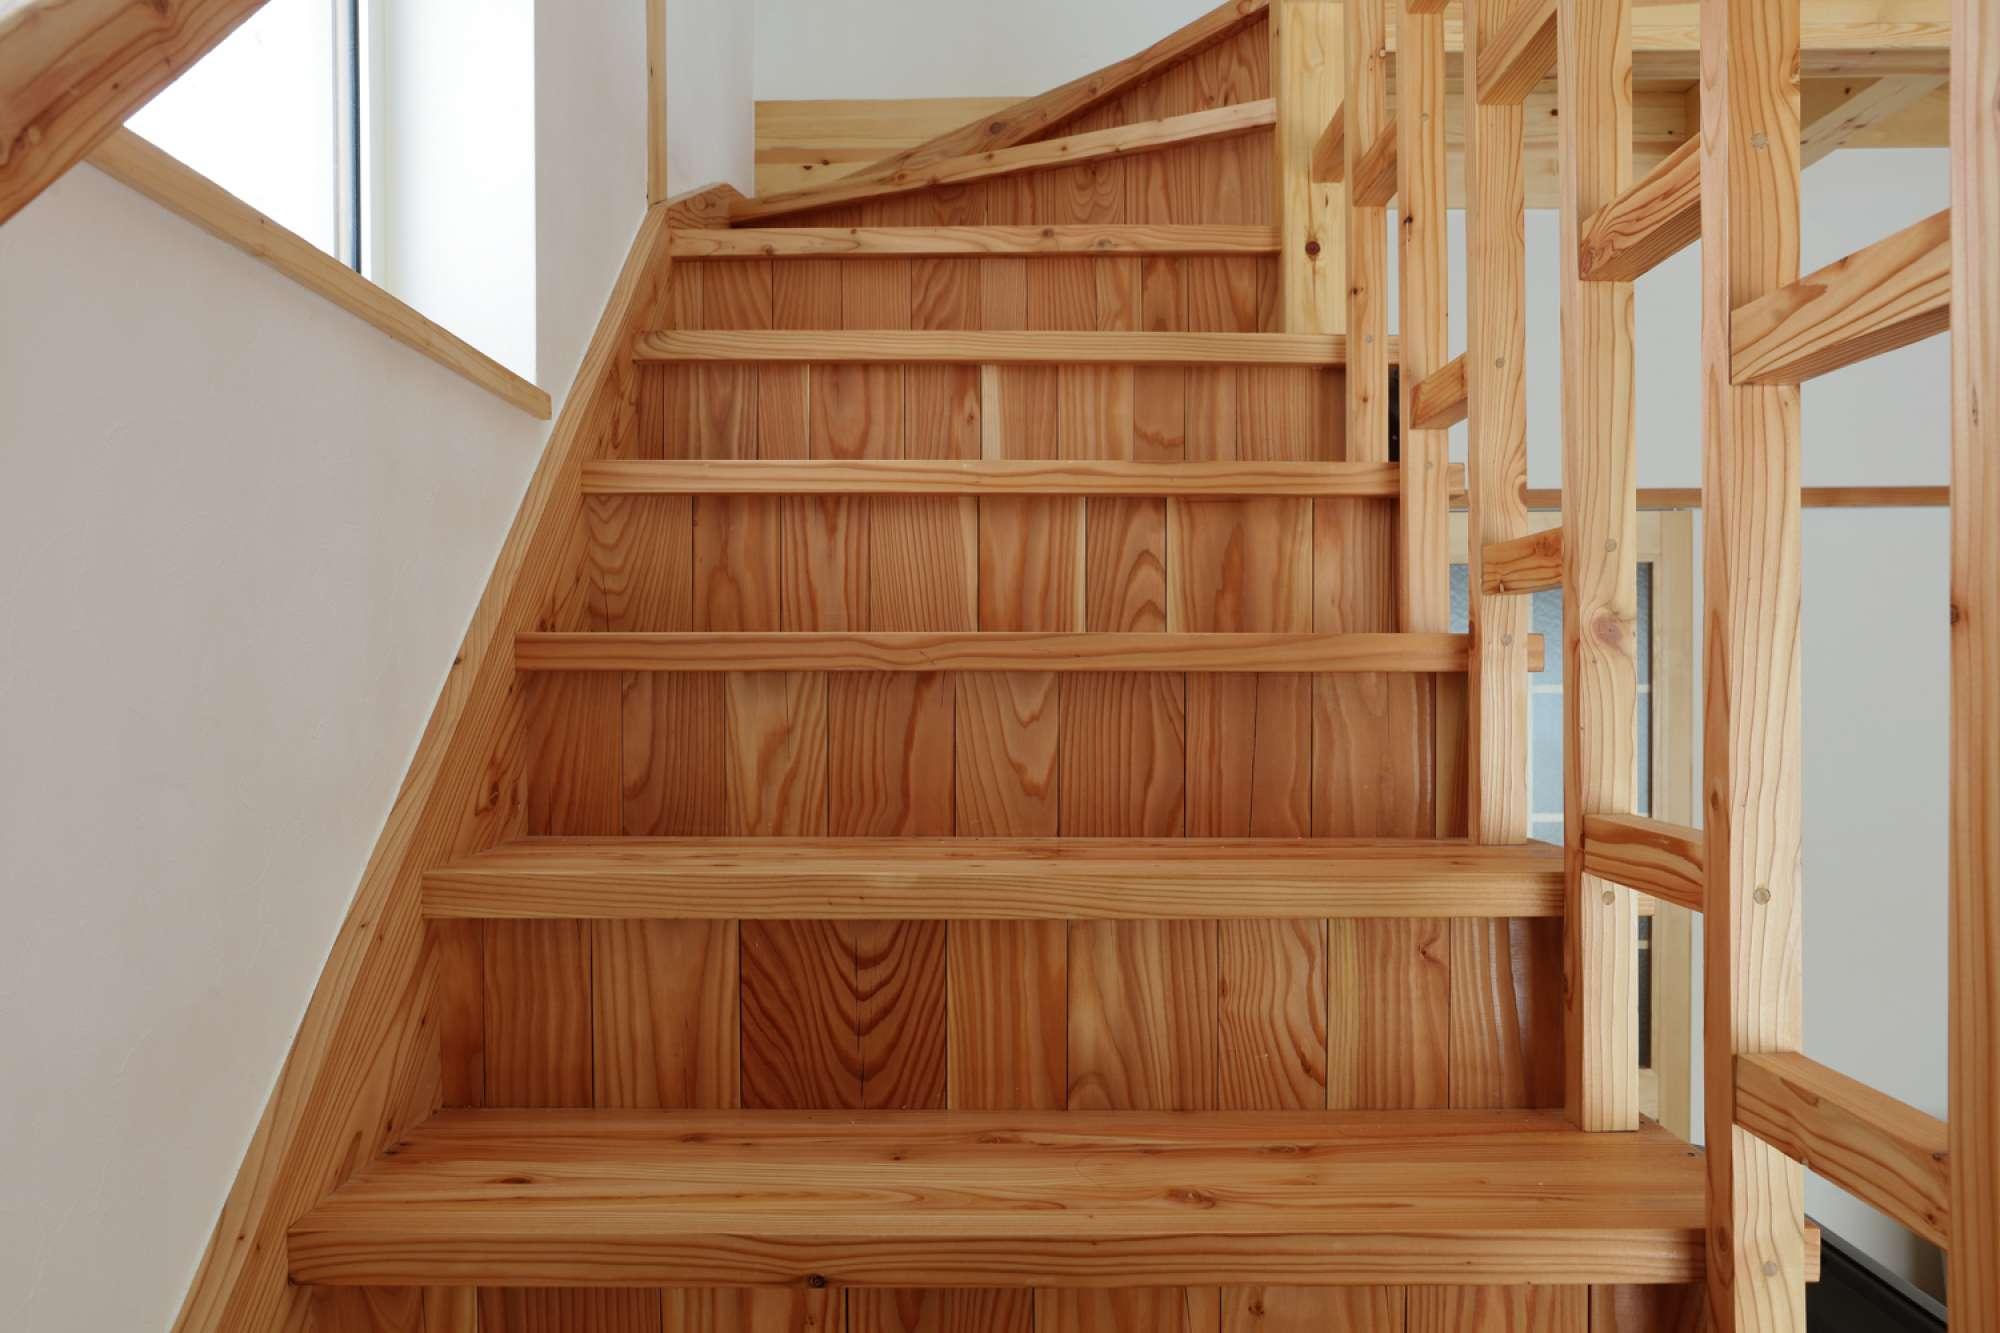 ゆっくりと風合いを増す、道産カラマツの造作階段 -  -  -